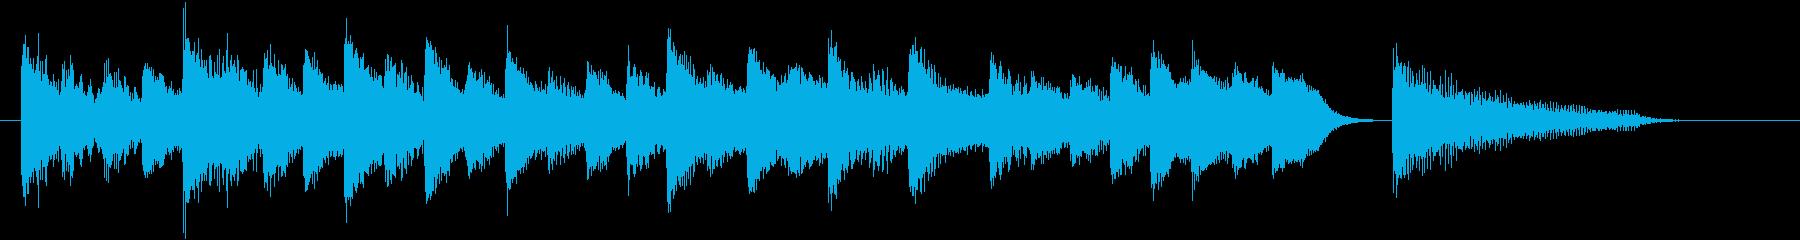 童謡・お正月モチーフのピアノジングルFの再生済みの波形